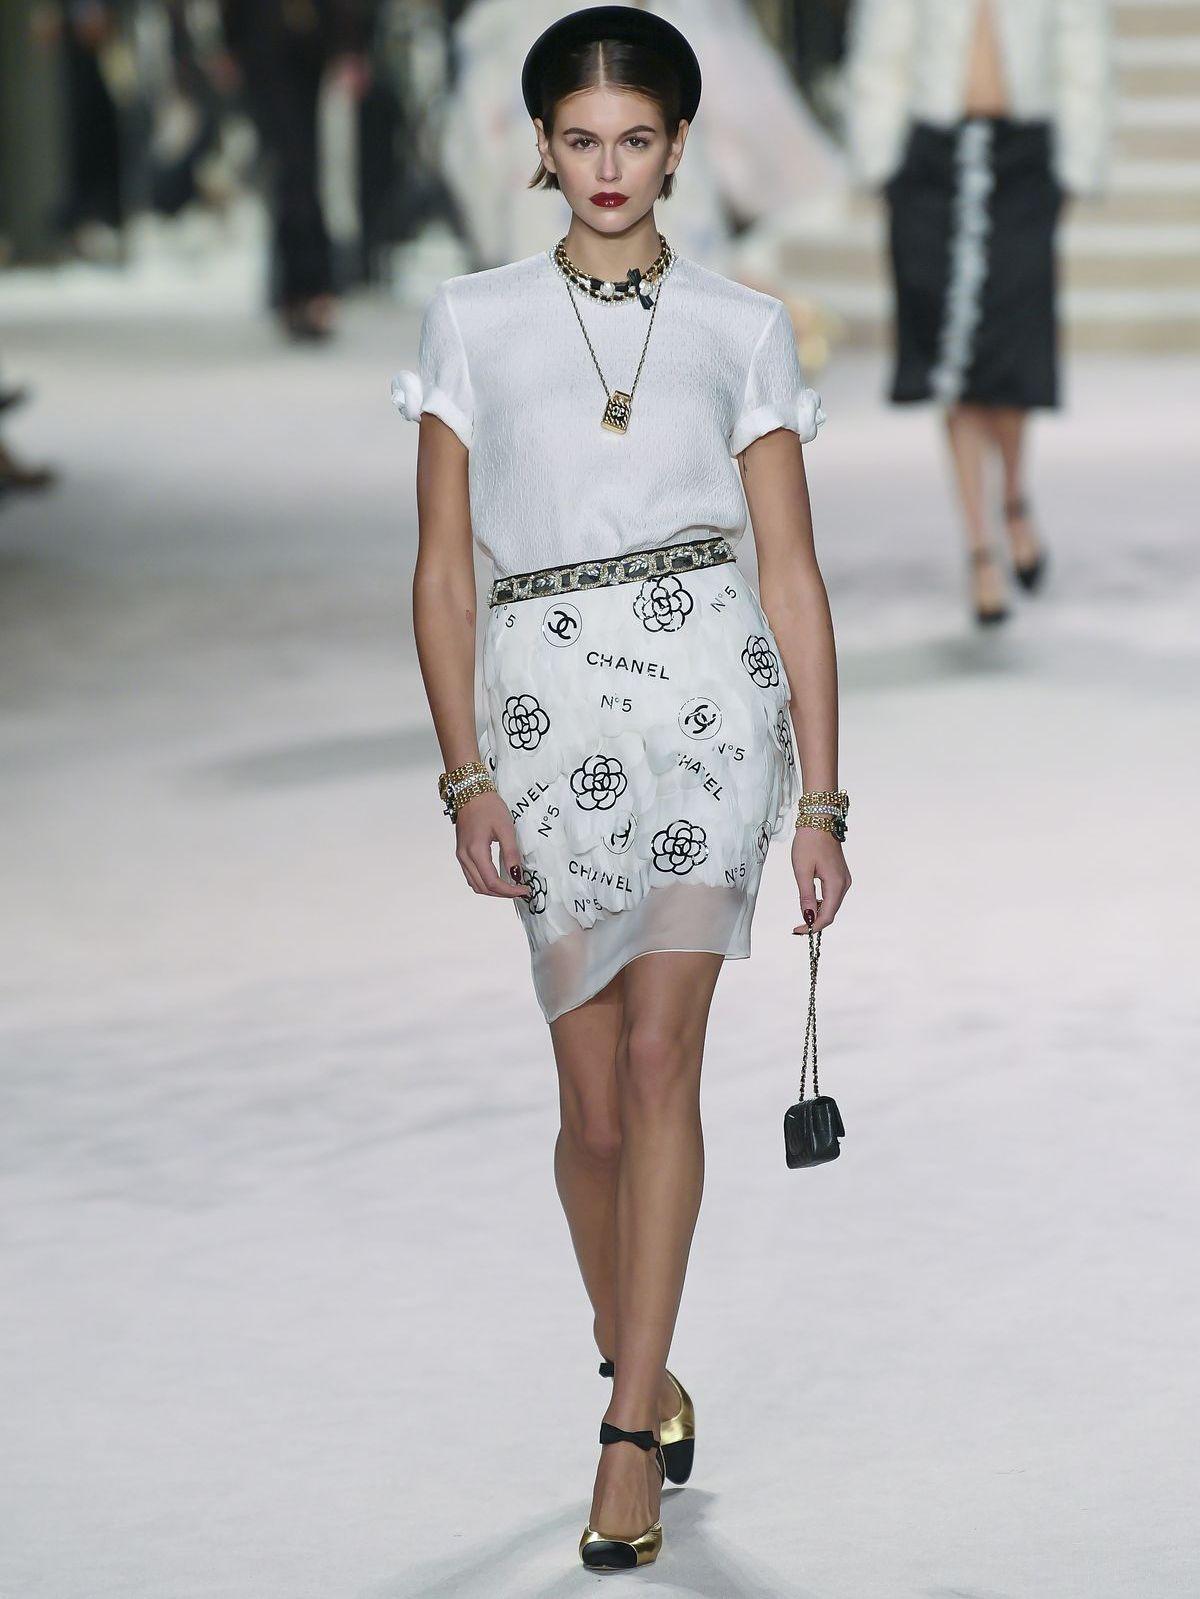 Fashion-Fotos online kaufen